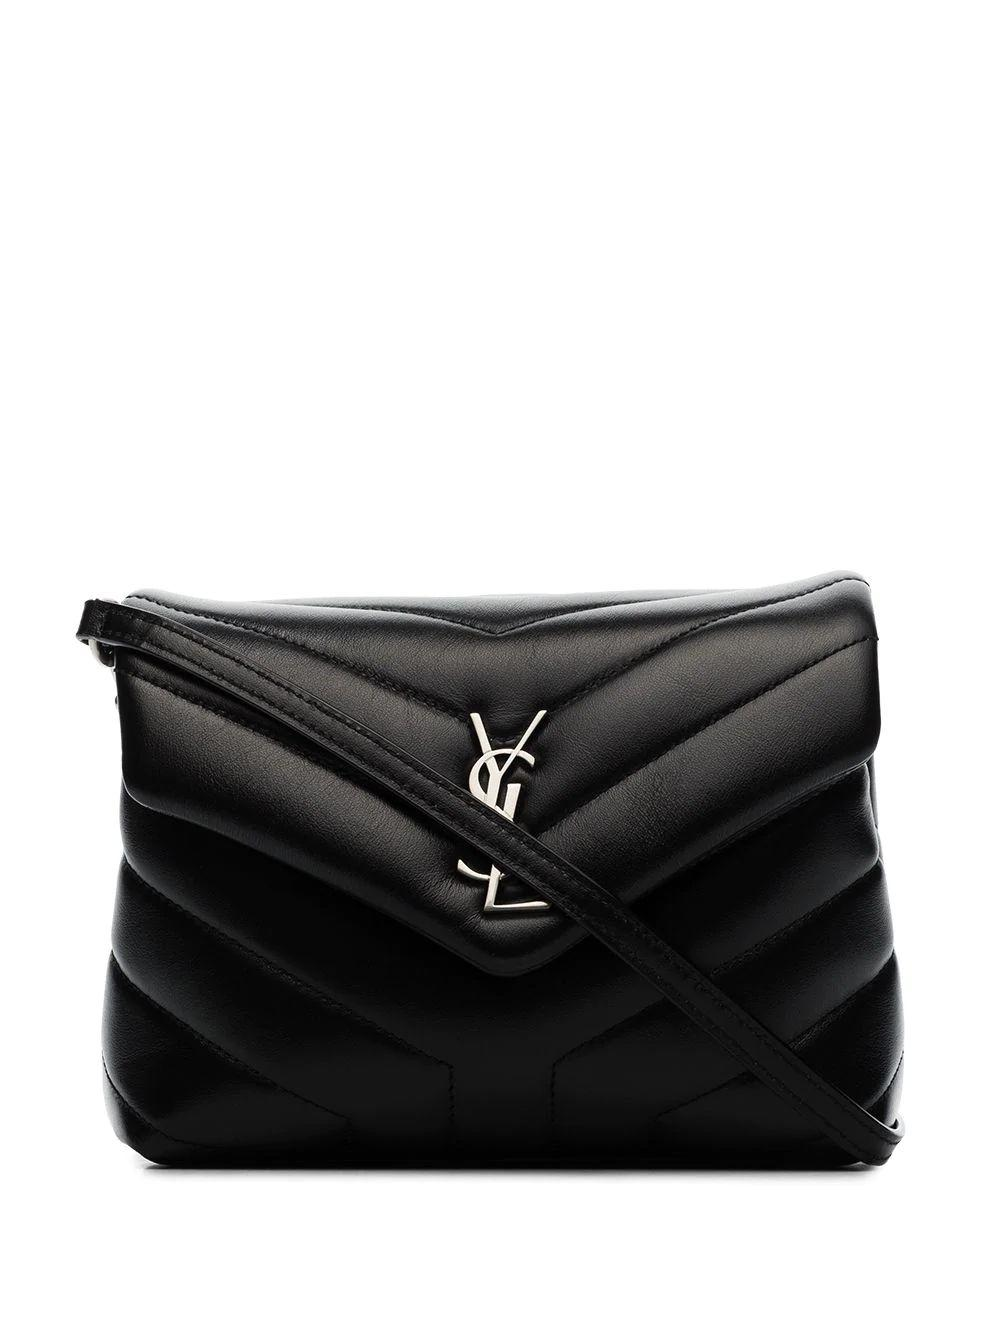 Loulou Toy Shoulder Bag